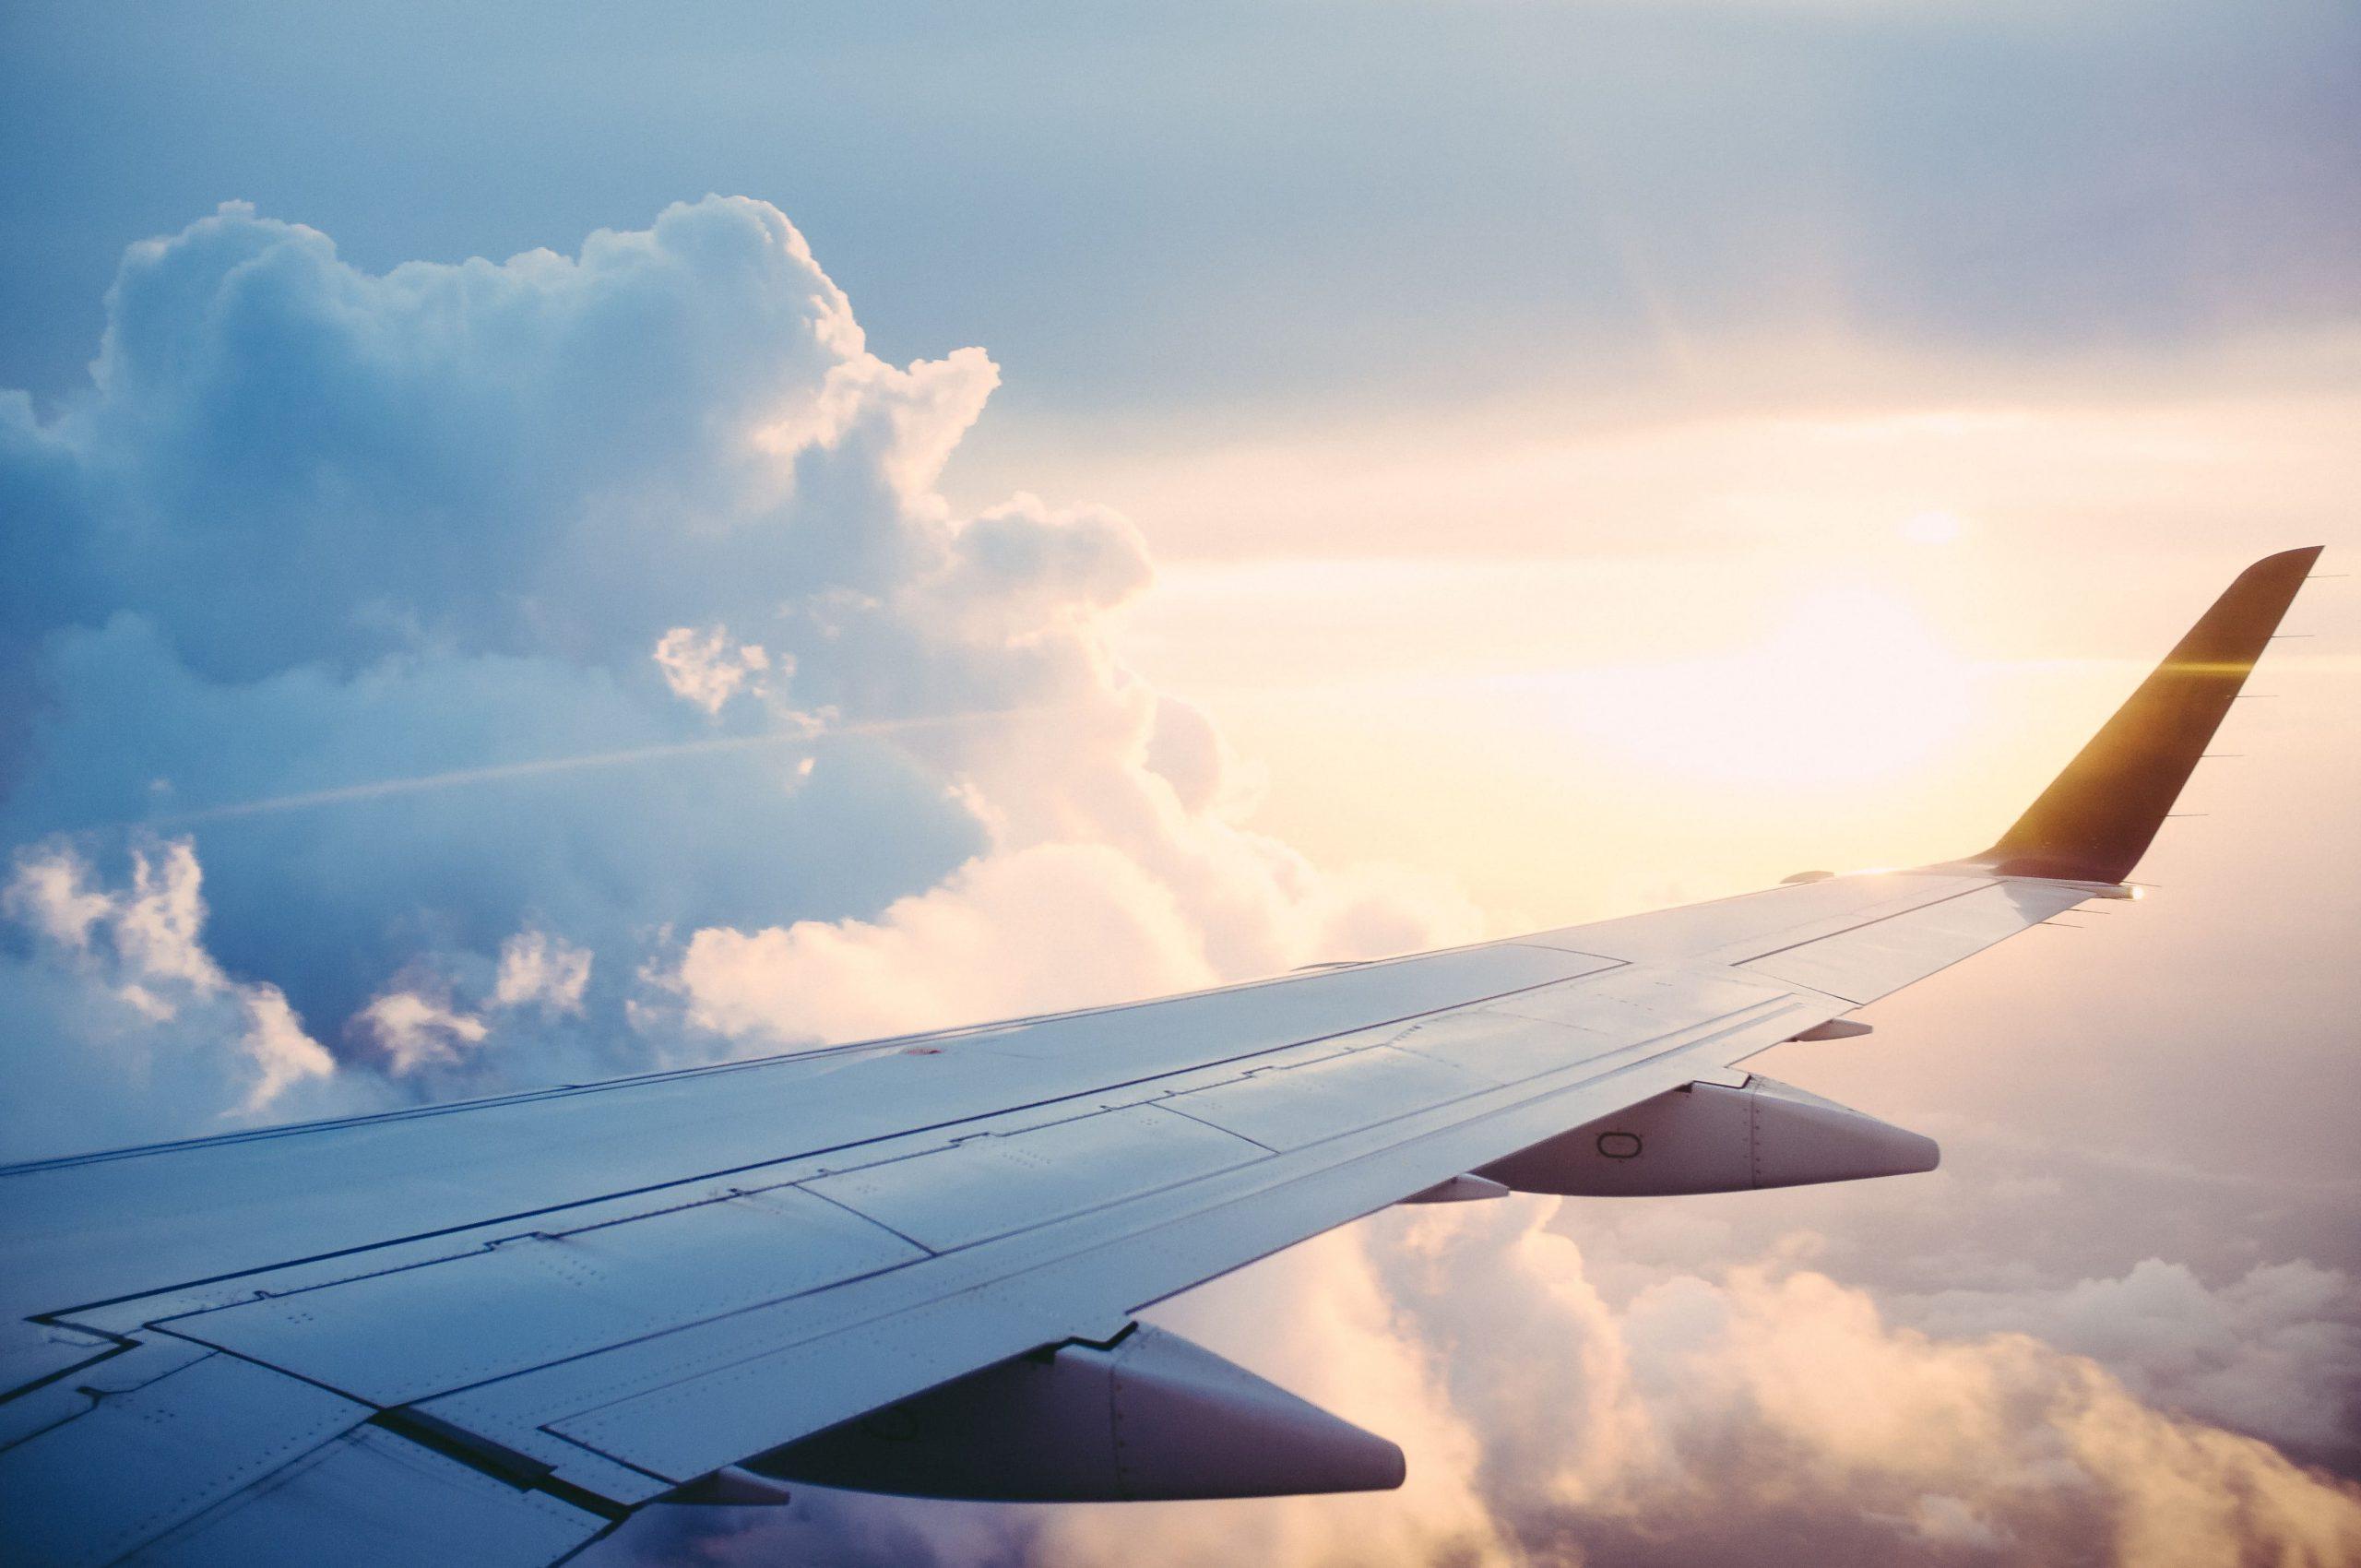 2019年航空業網路聲量 X 購票因素分析